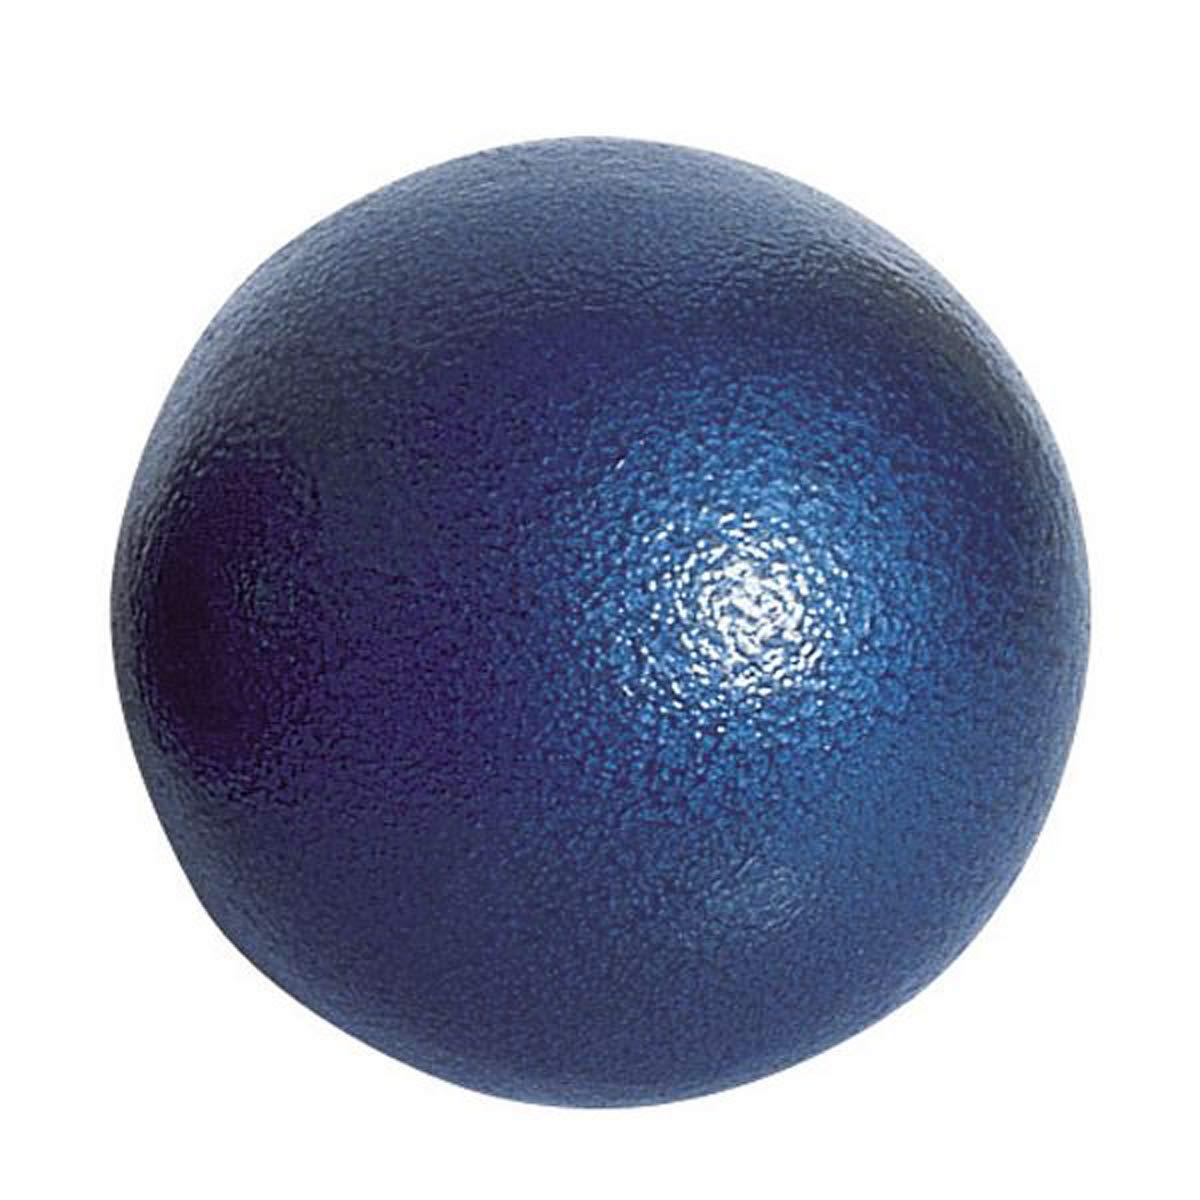 Visiodirect Poids Scolaire en Fonte Coloris Bleu - Poids 2 kg - Diamè tre : 80 mm